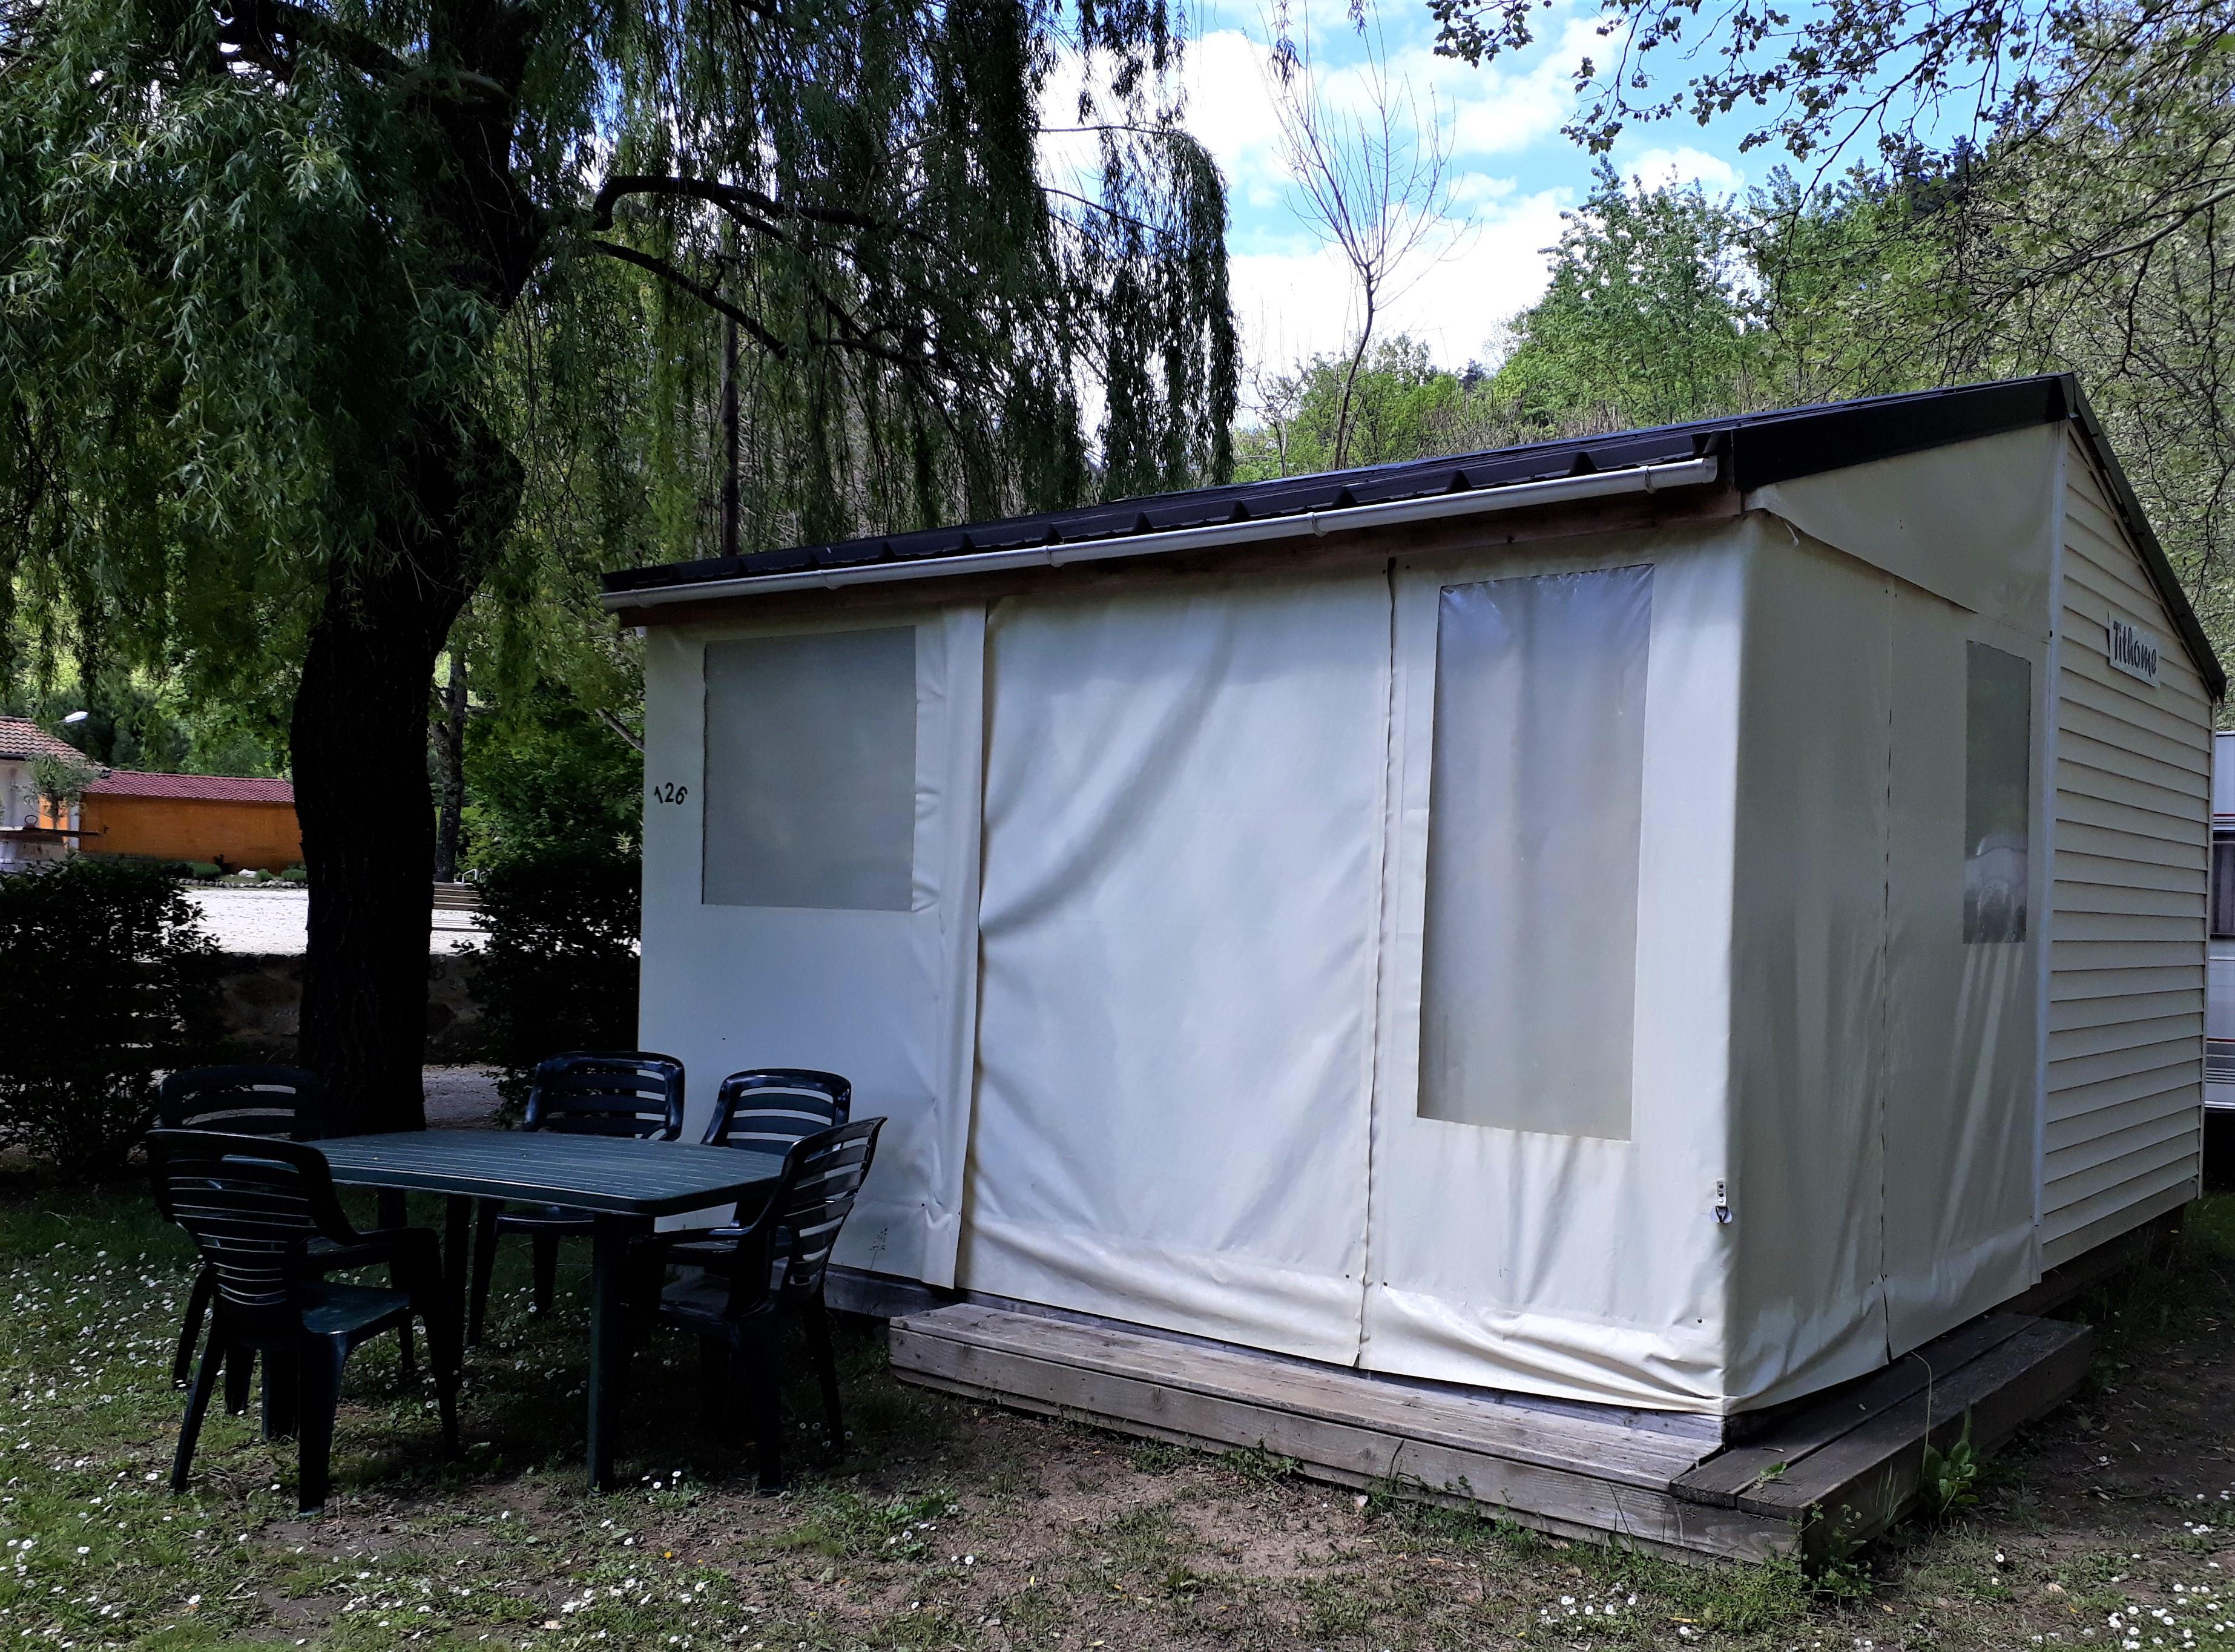 Location - Tithome - Camping de Retourtour